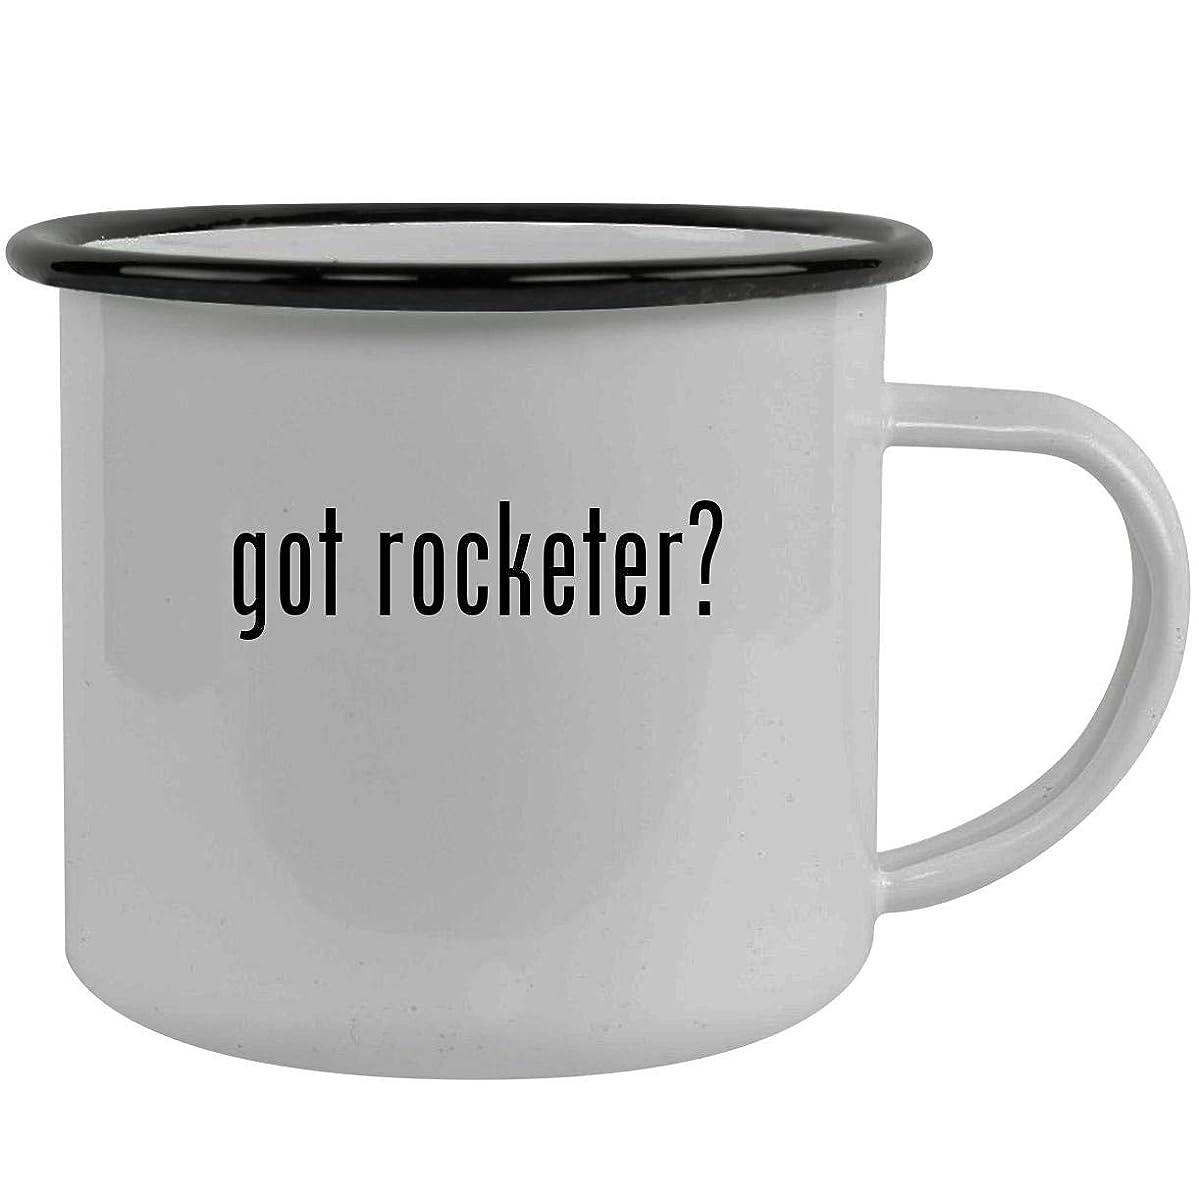 got rocketer? - Stainless Steel 12oz Camping Mug, Black